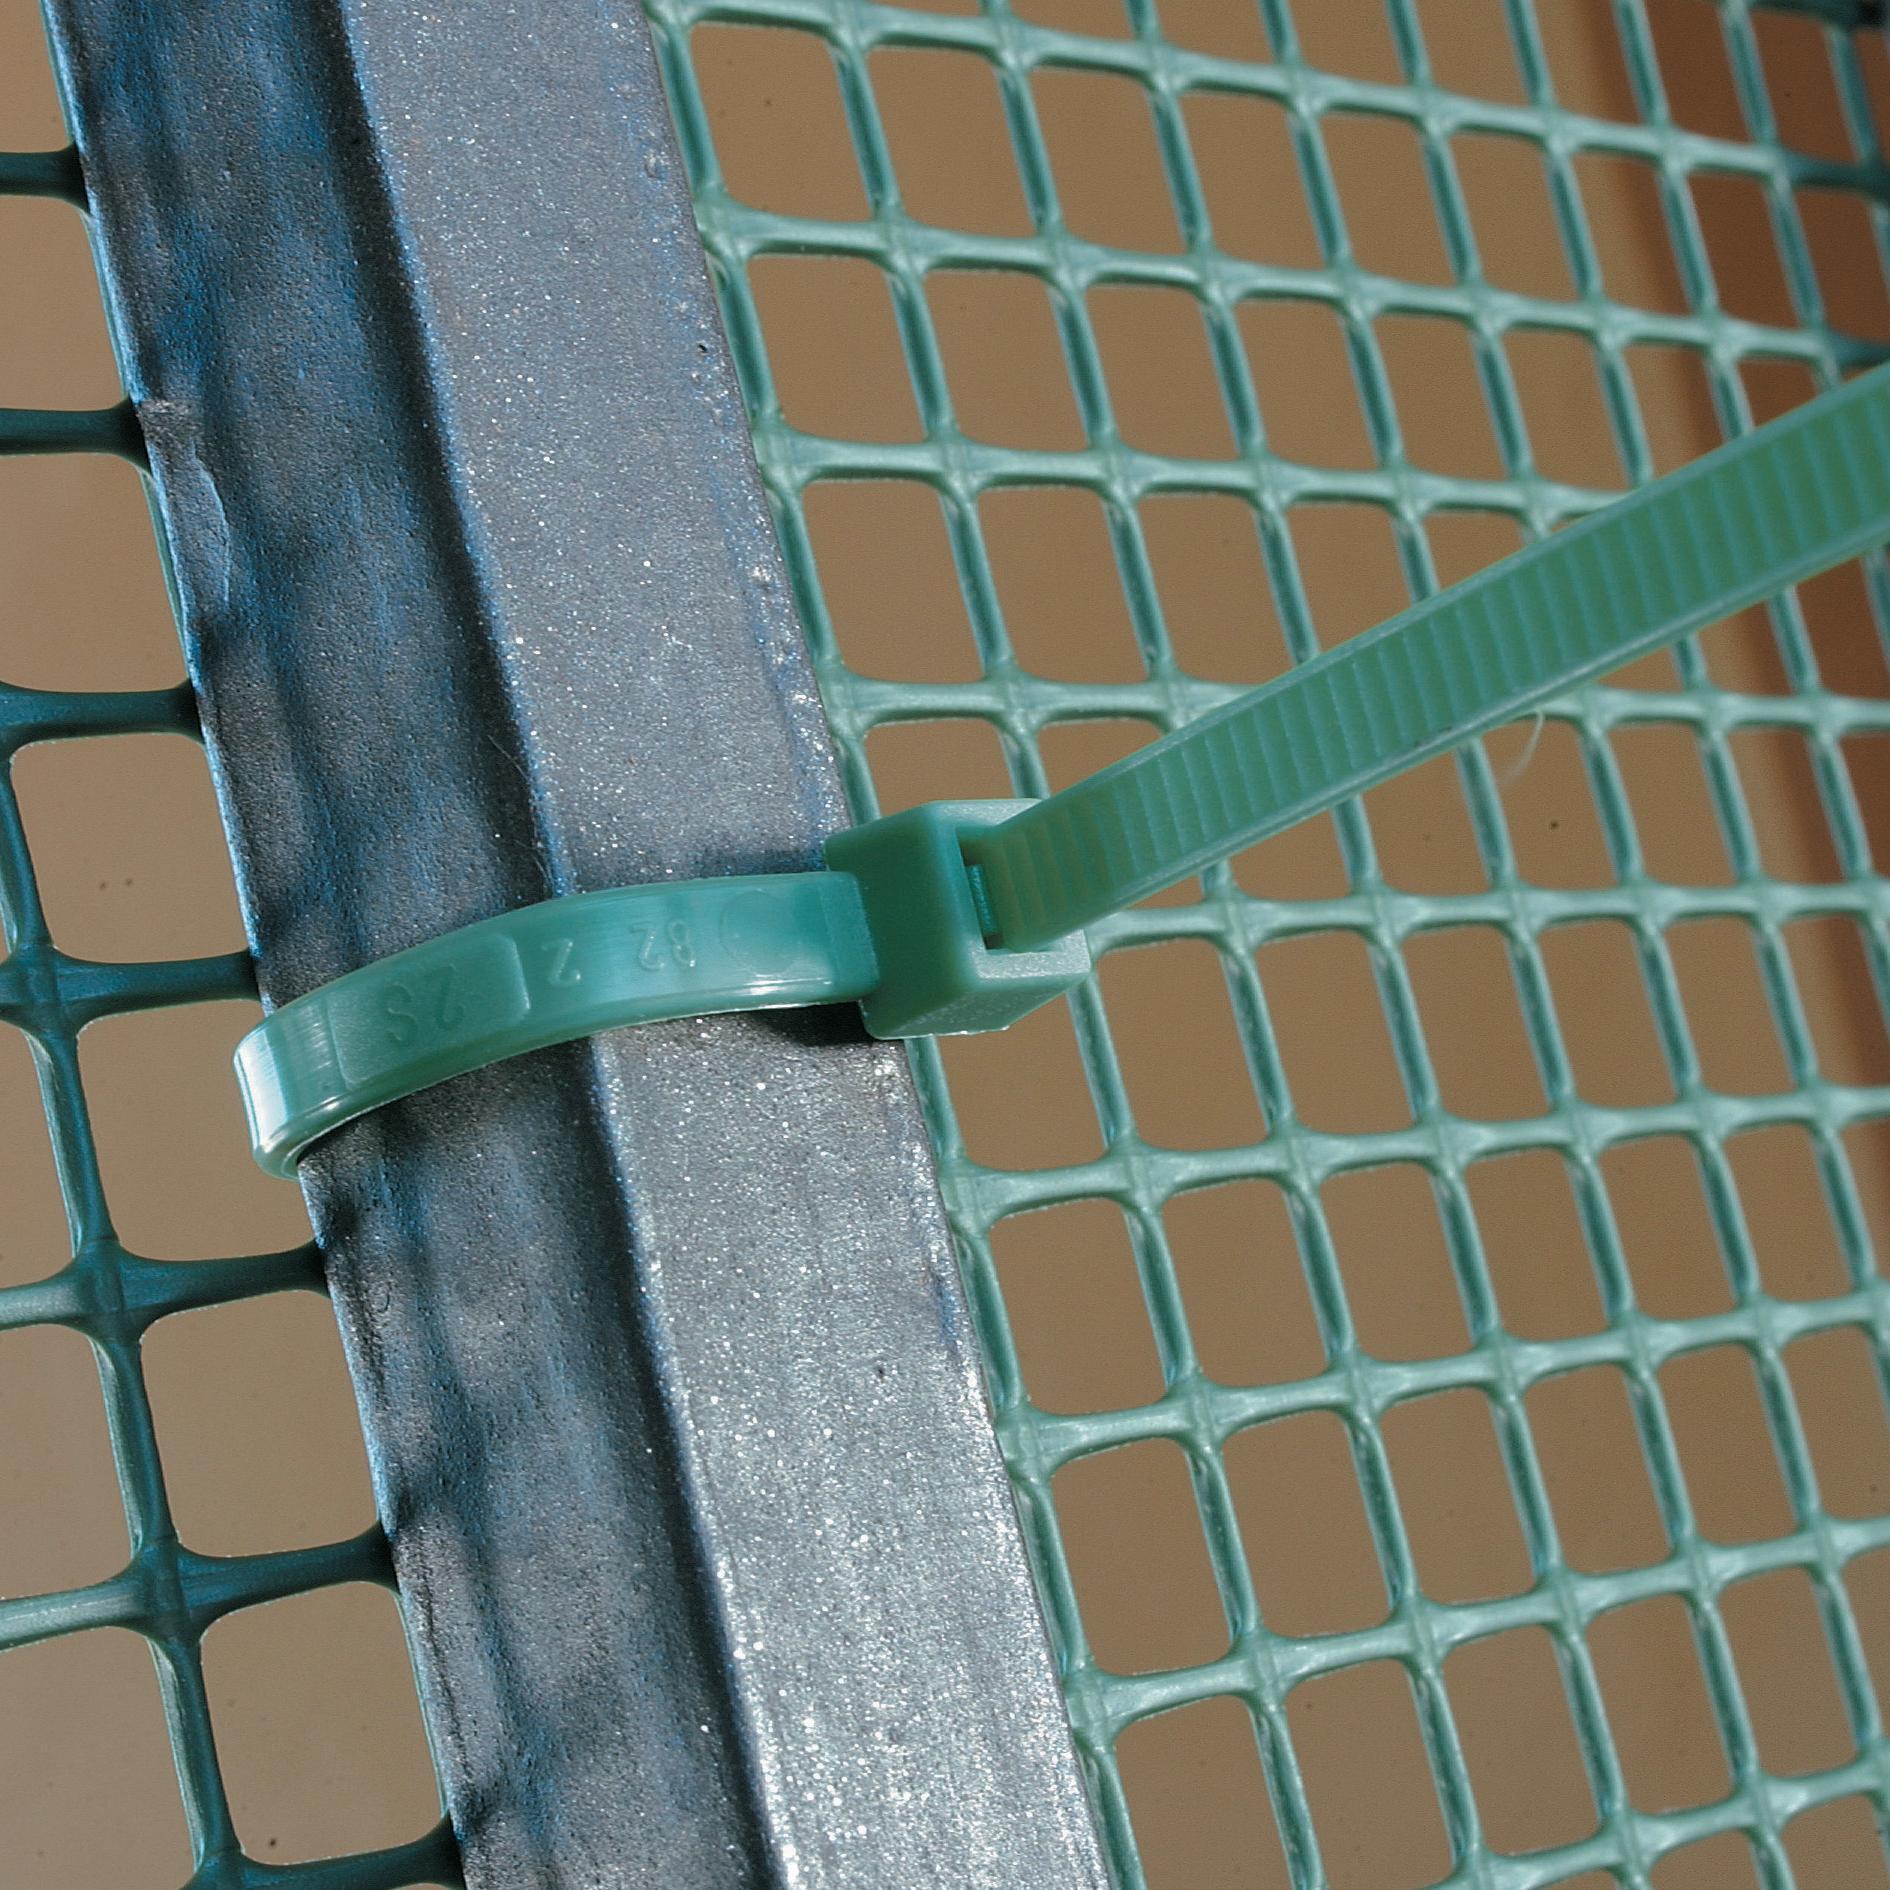 Fascetta a collare verde in pvc 10 cm x 50 pezzi - 2